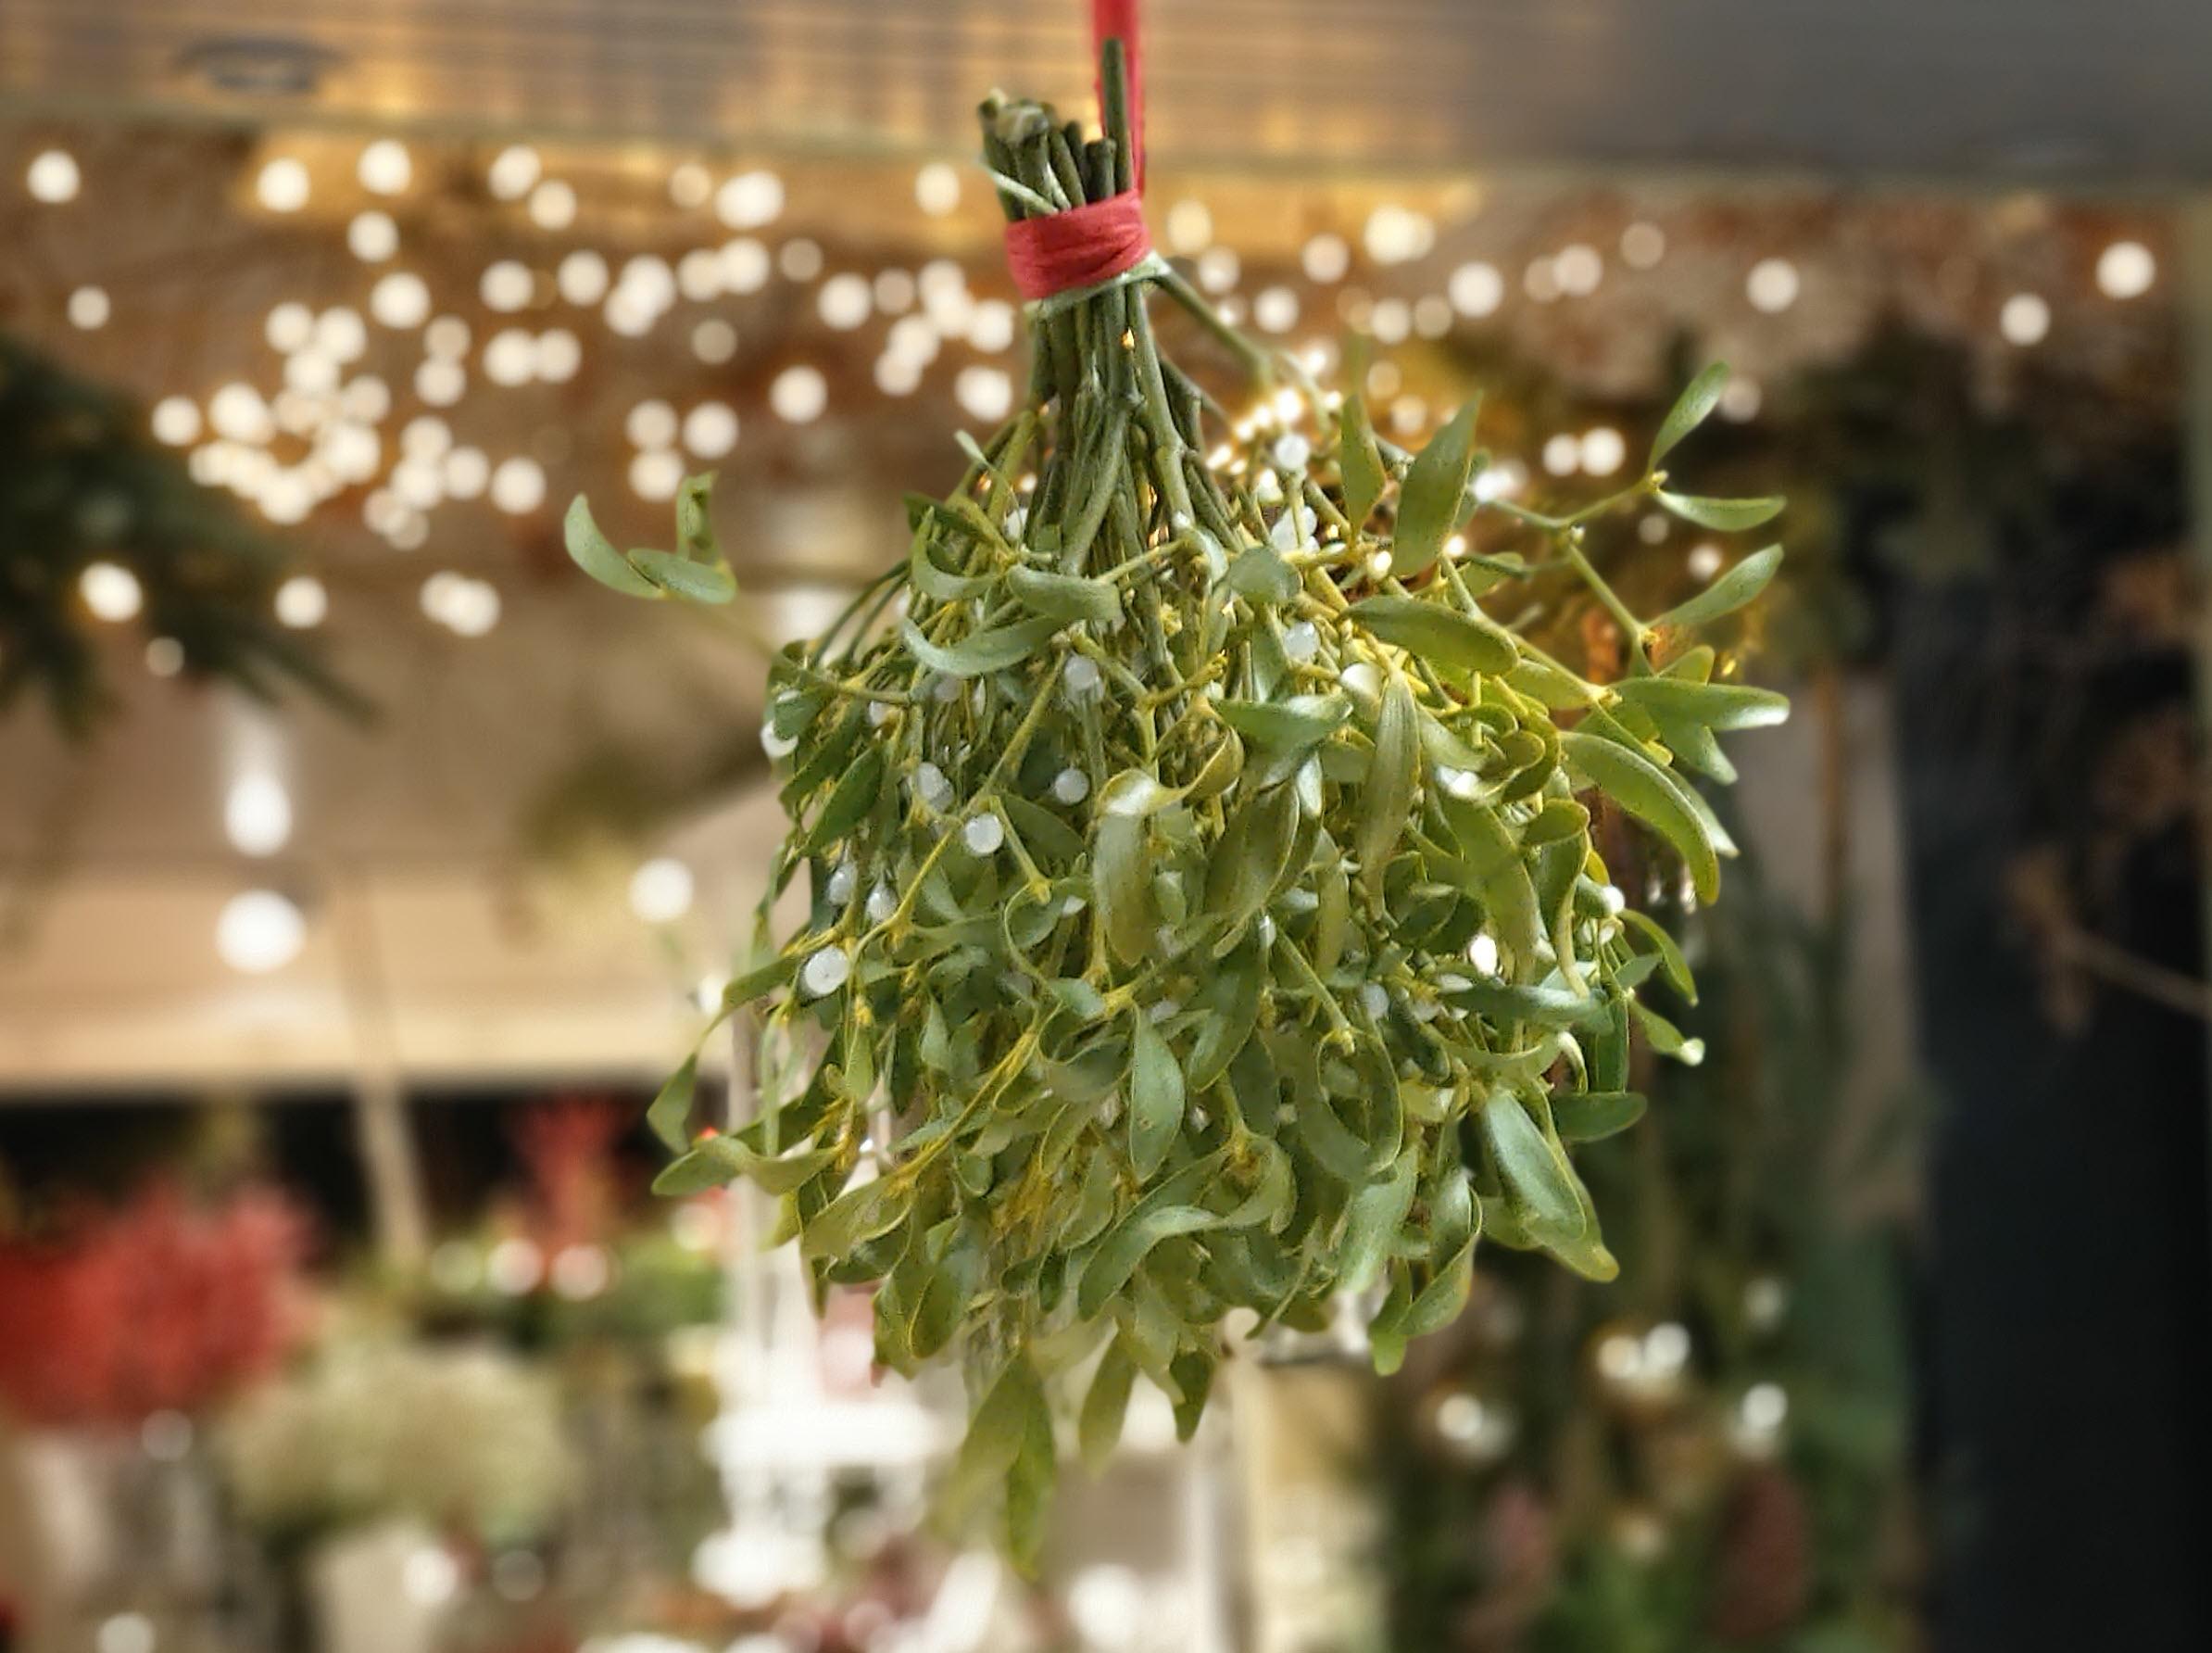 Mistletoe, ofwel Maretak, als teken van liefde en vriendschap. Rond de kerst en nieuwjaar te koop bij Bloemsierkunst Groeneveld te Haren Groningen